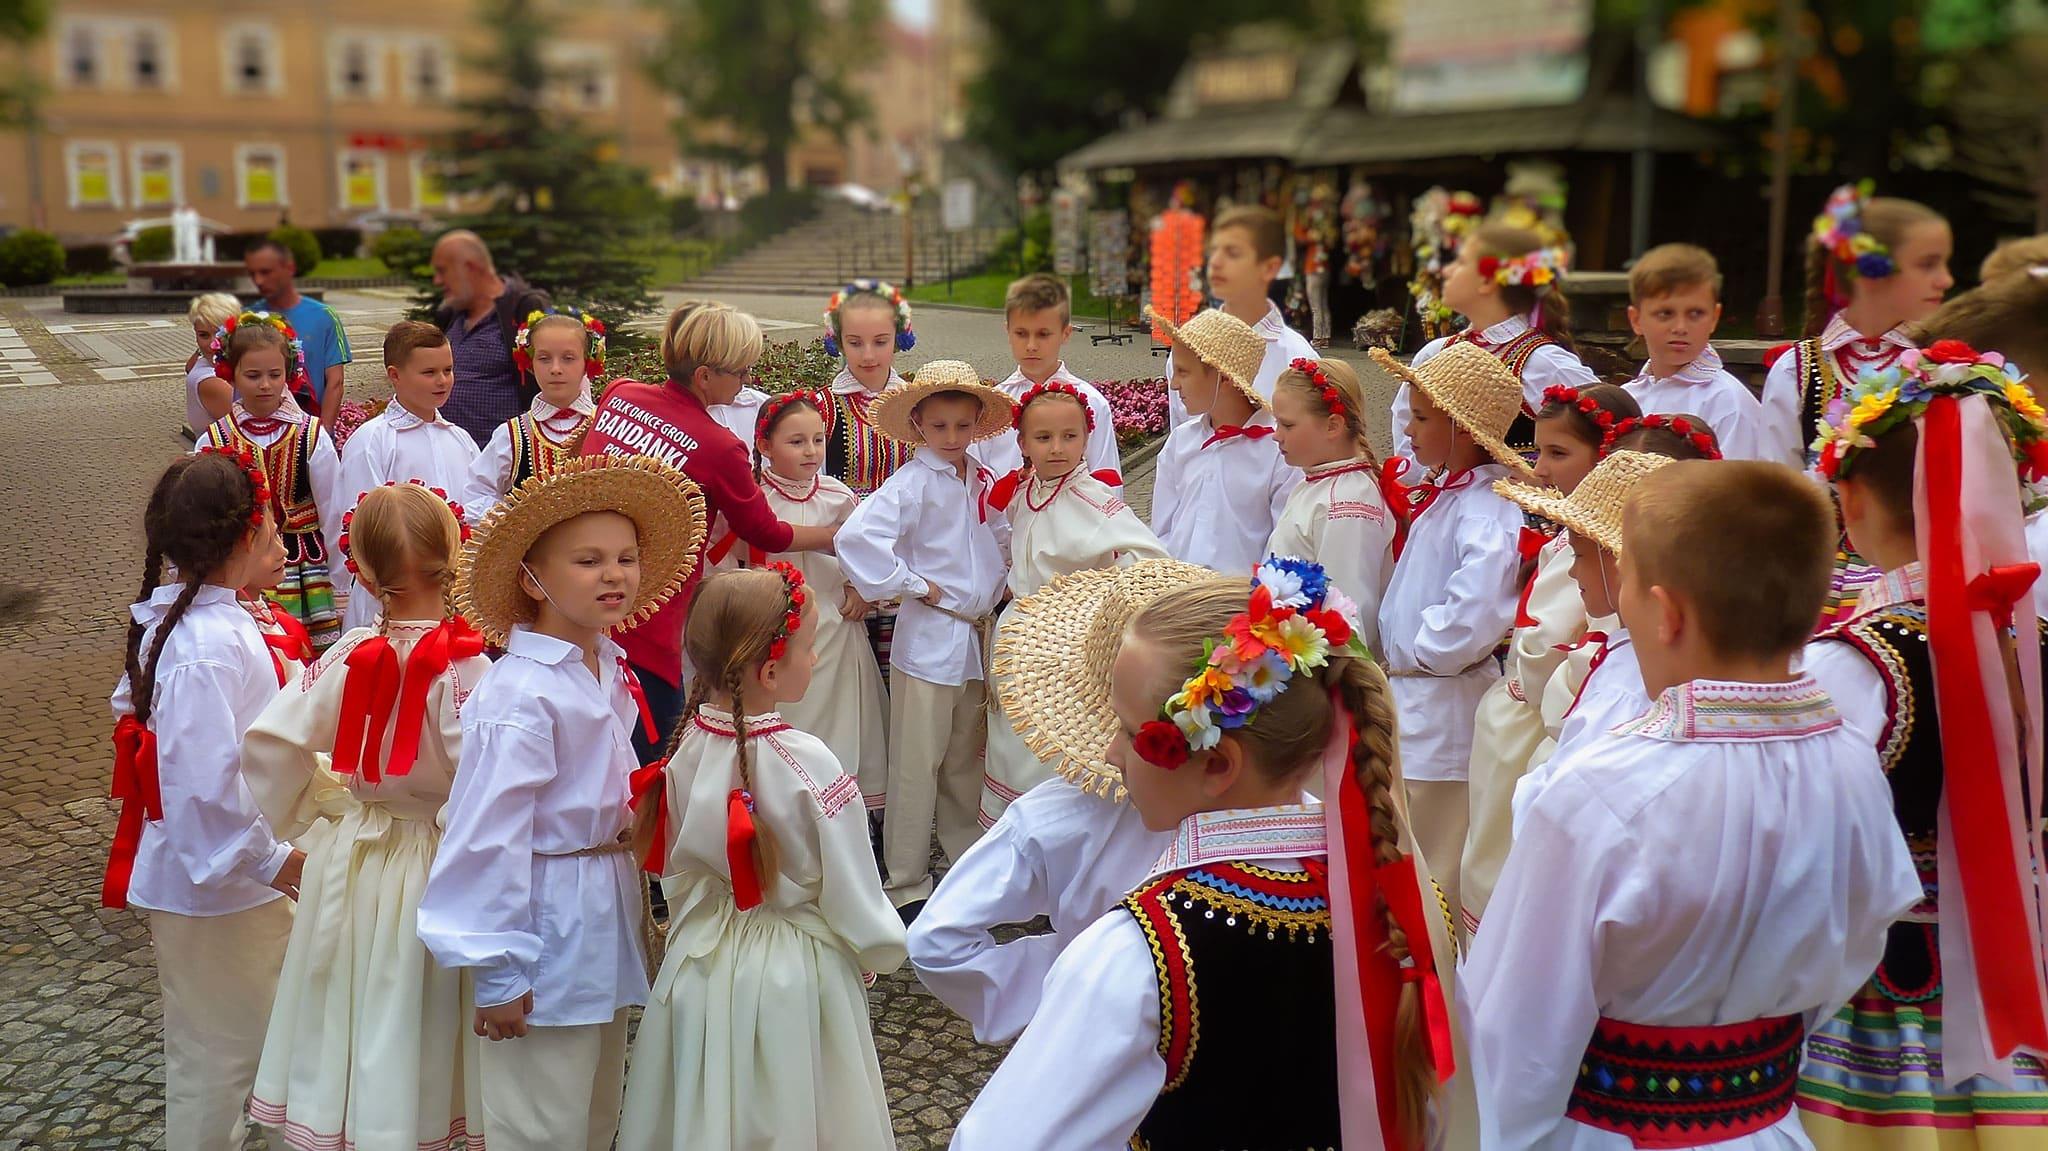 Od źródeł Strwiąża do Morza Czarnego - lipiec 2017 r.